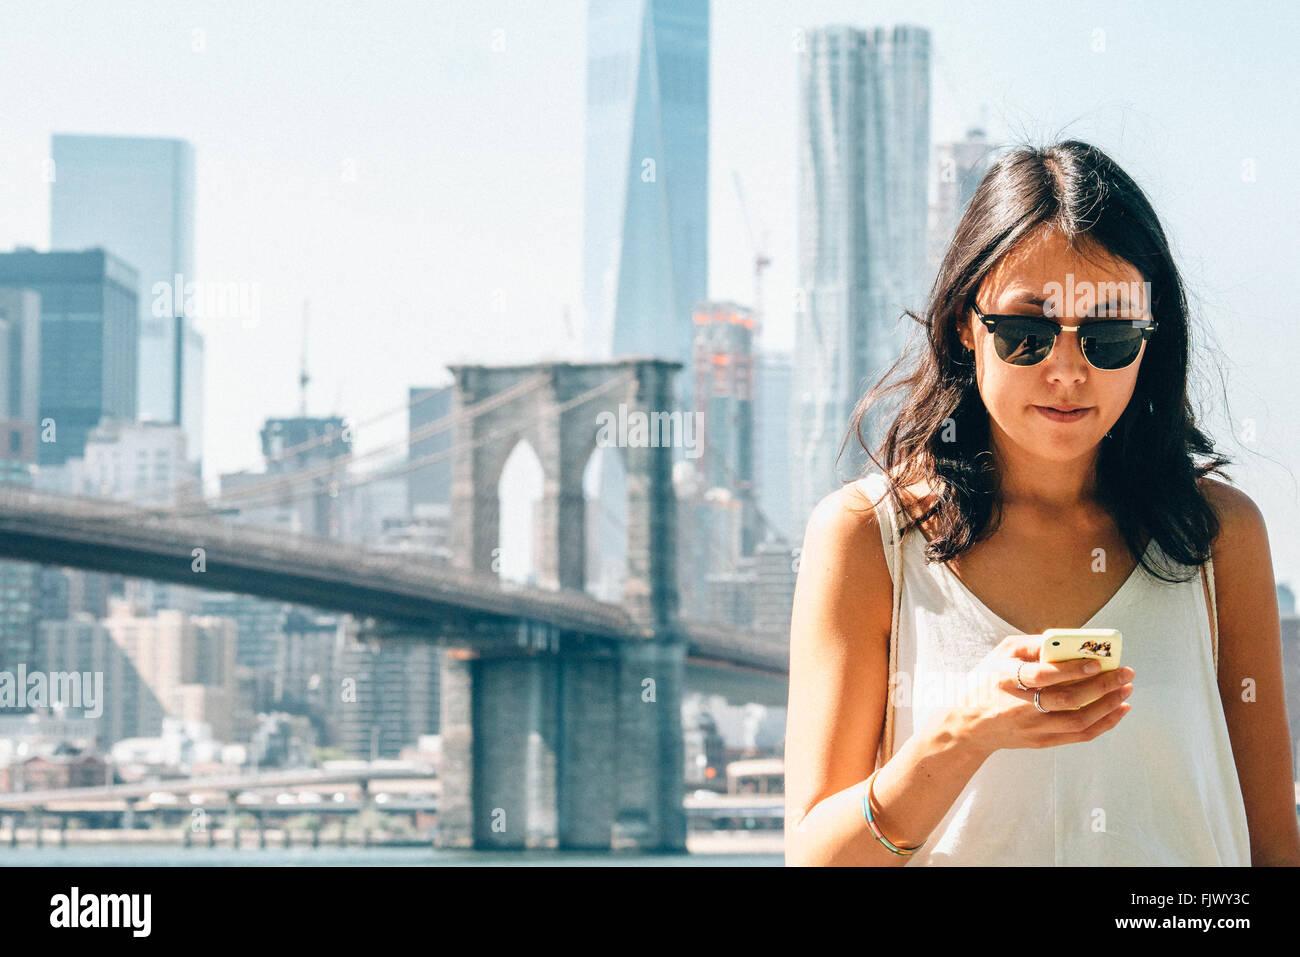 Mujer joven con teléfono inteligente contra el Puente de Brooklyn Foto de stock